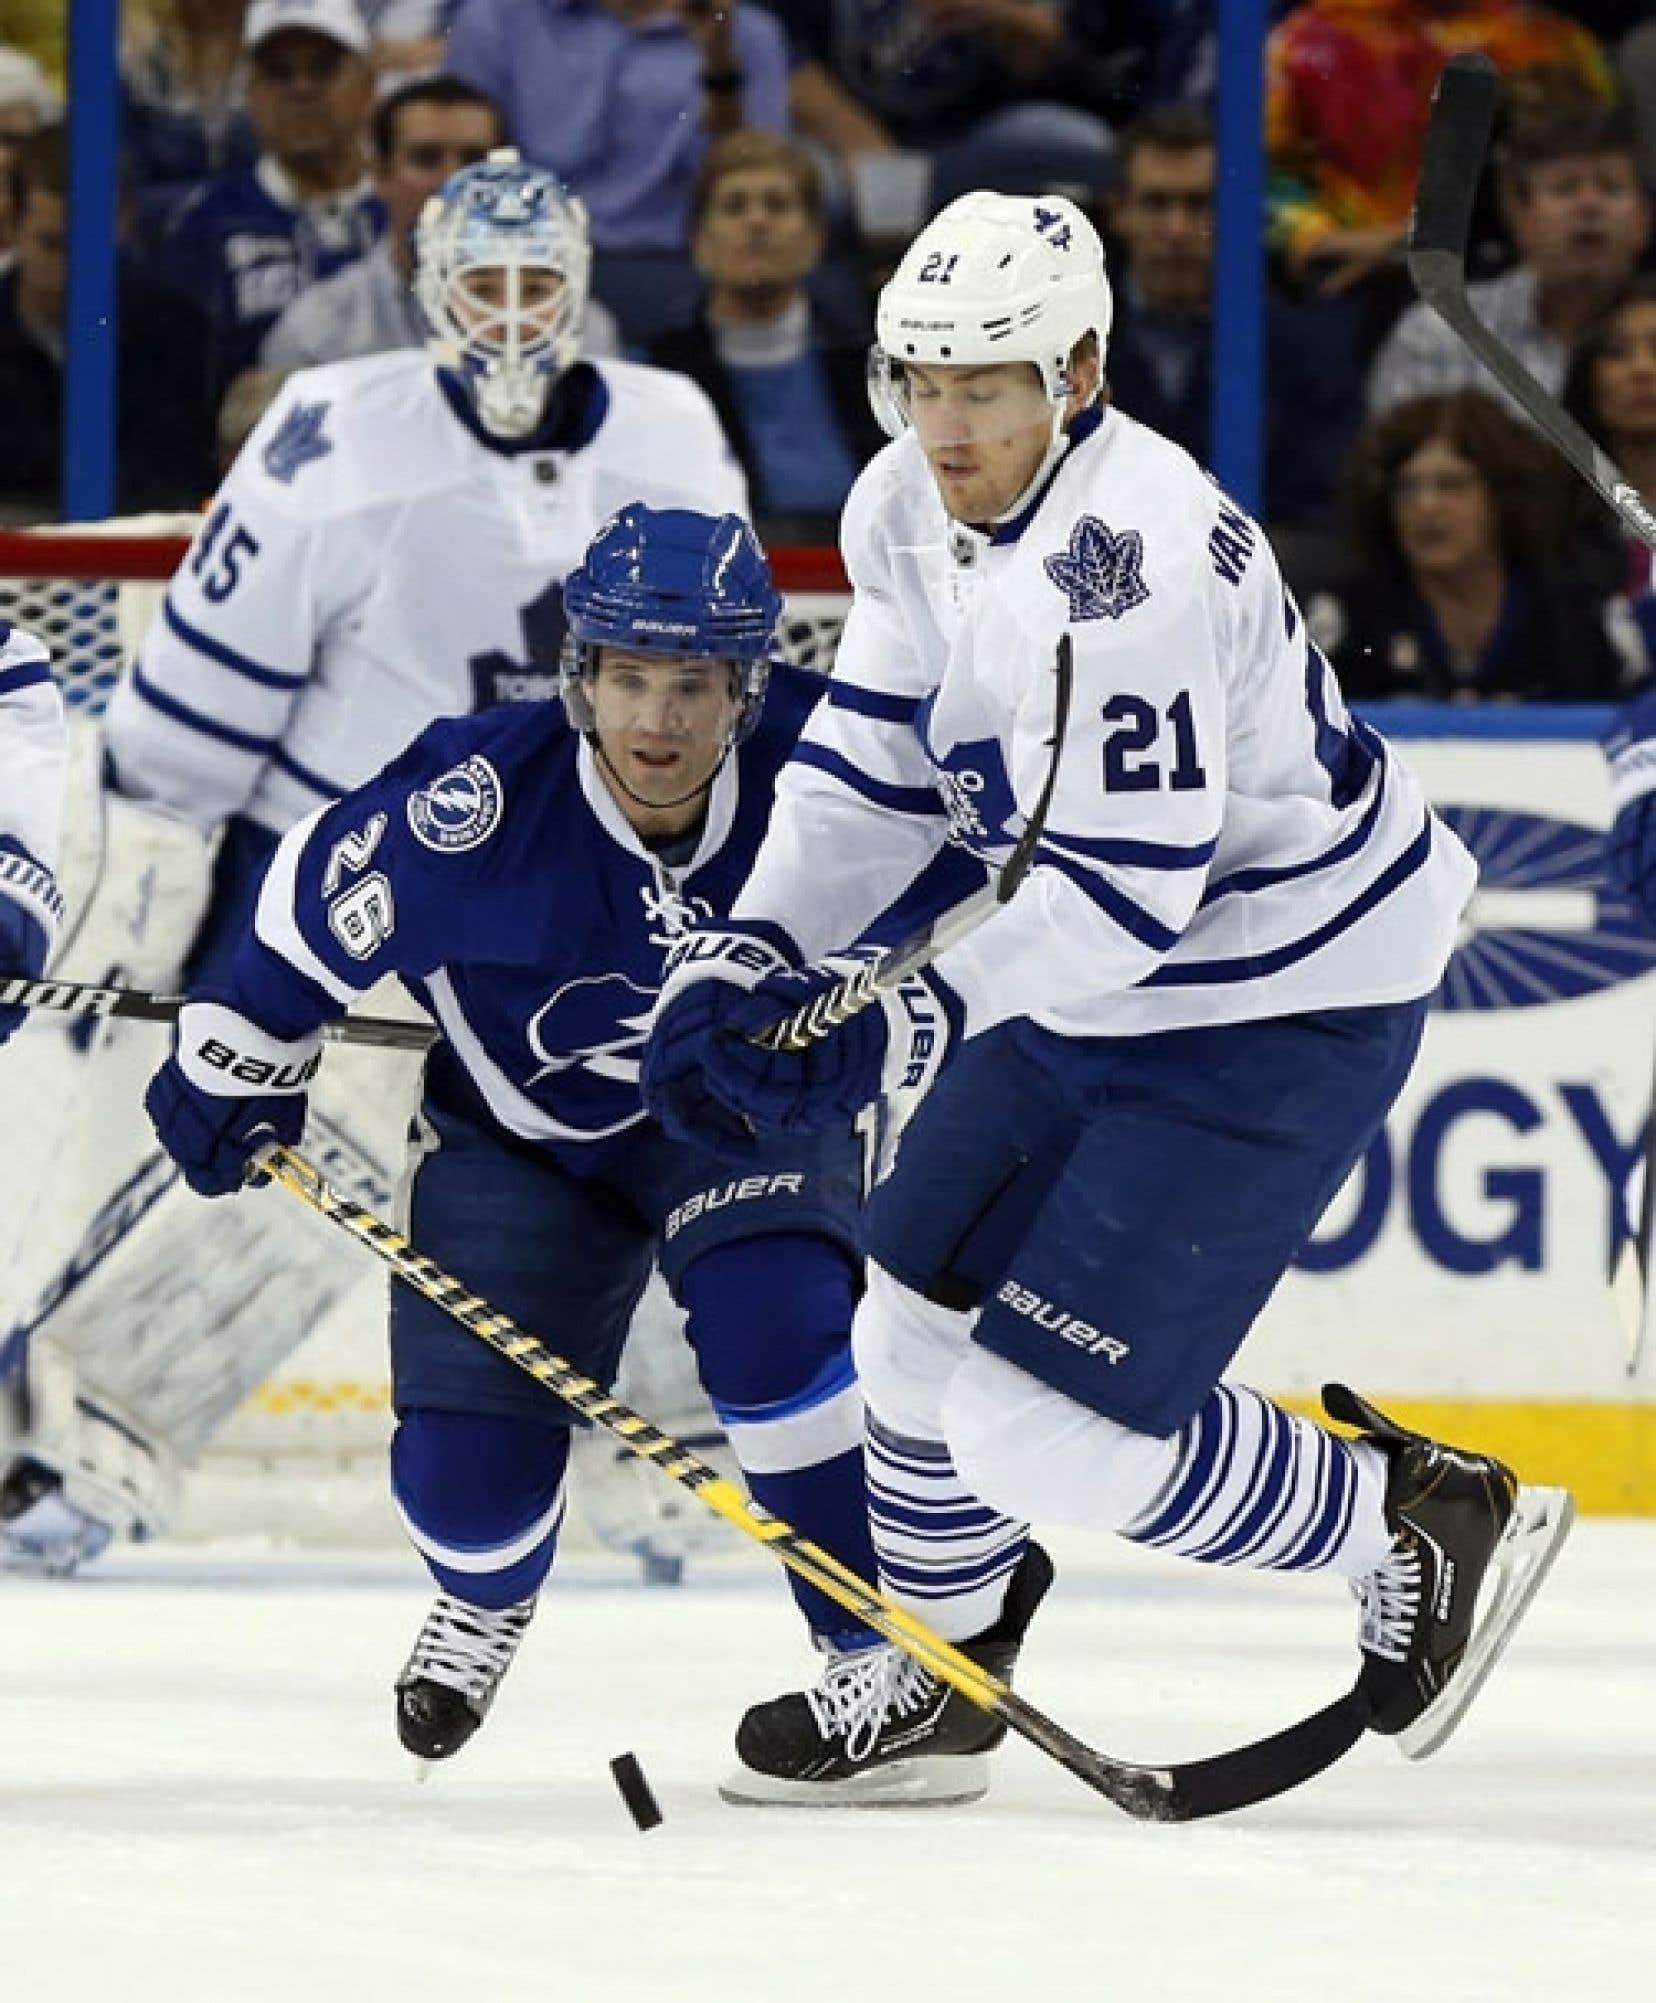 On s'est indigné de l'absence du vétéran Martin St-Louis (en bleu foncé), le meilleur pointeur québécois actuellement dans la Ligue nationale de hockey, de l'équipe olympique canadienne à Sotchi.